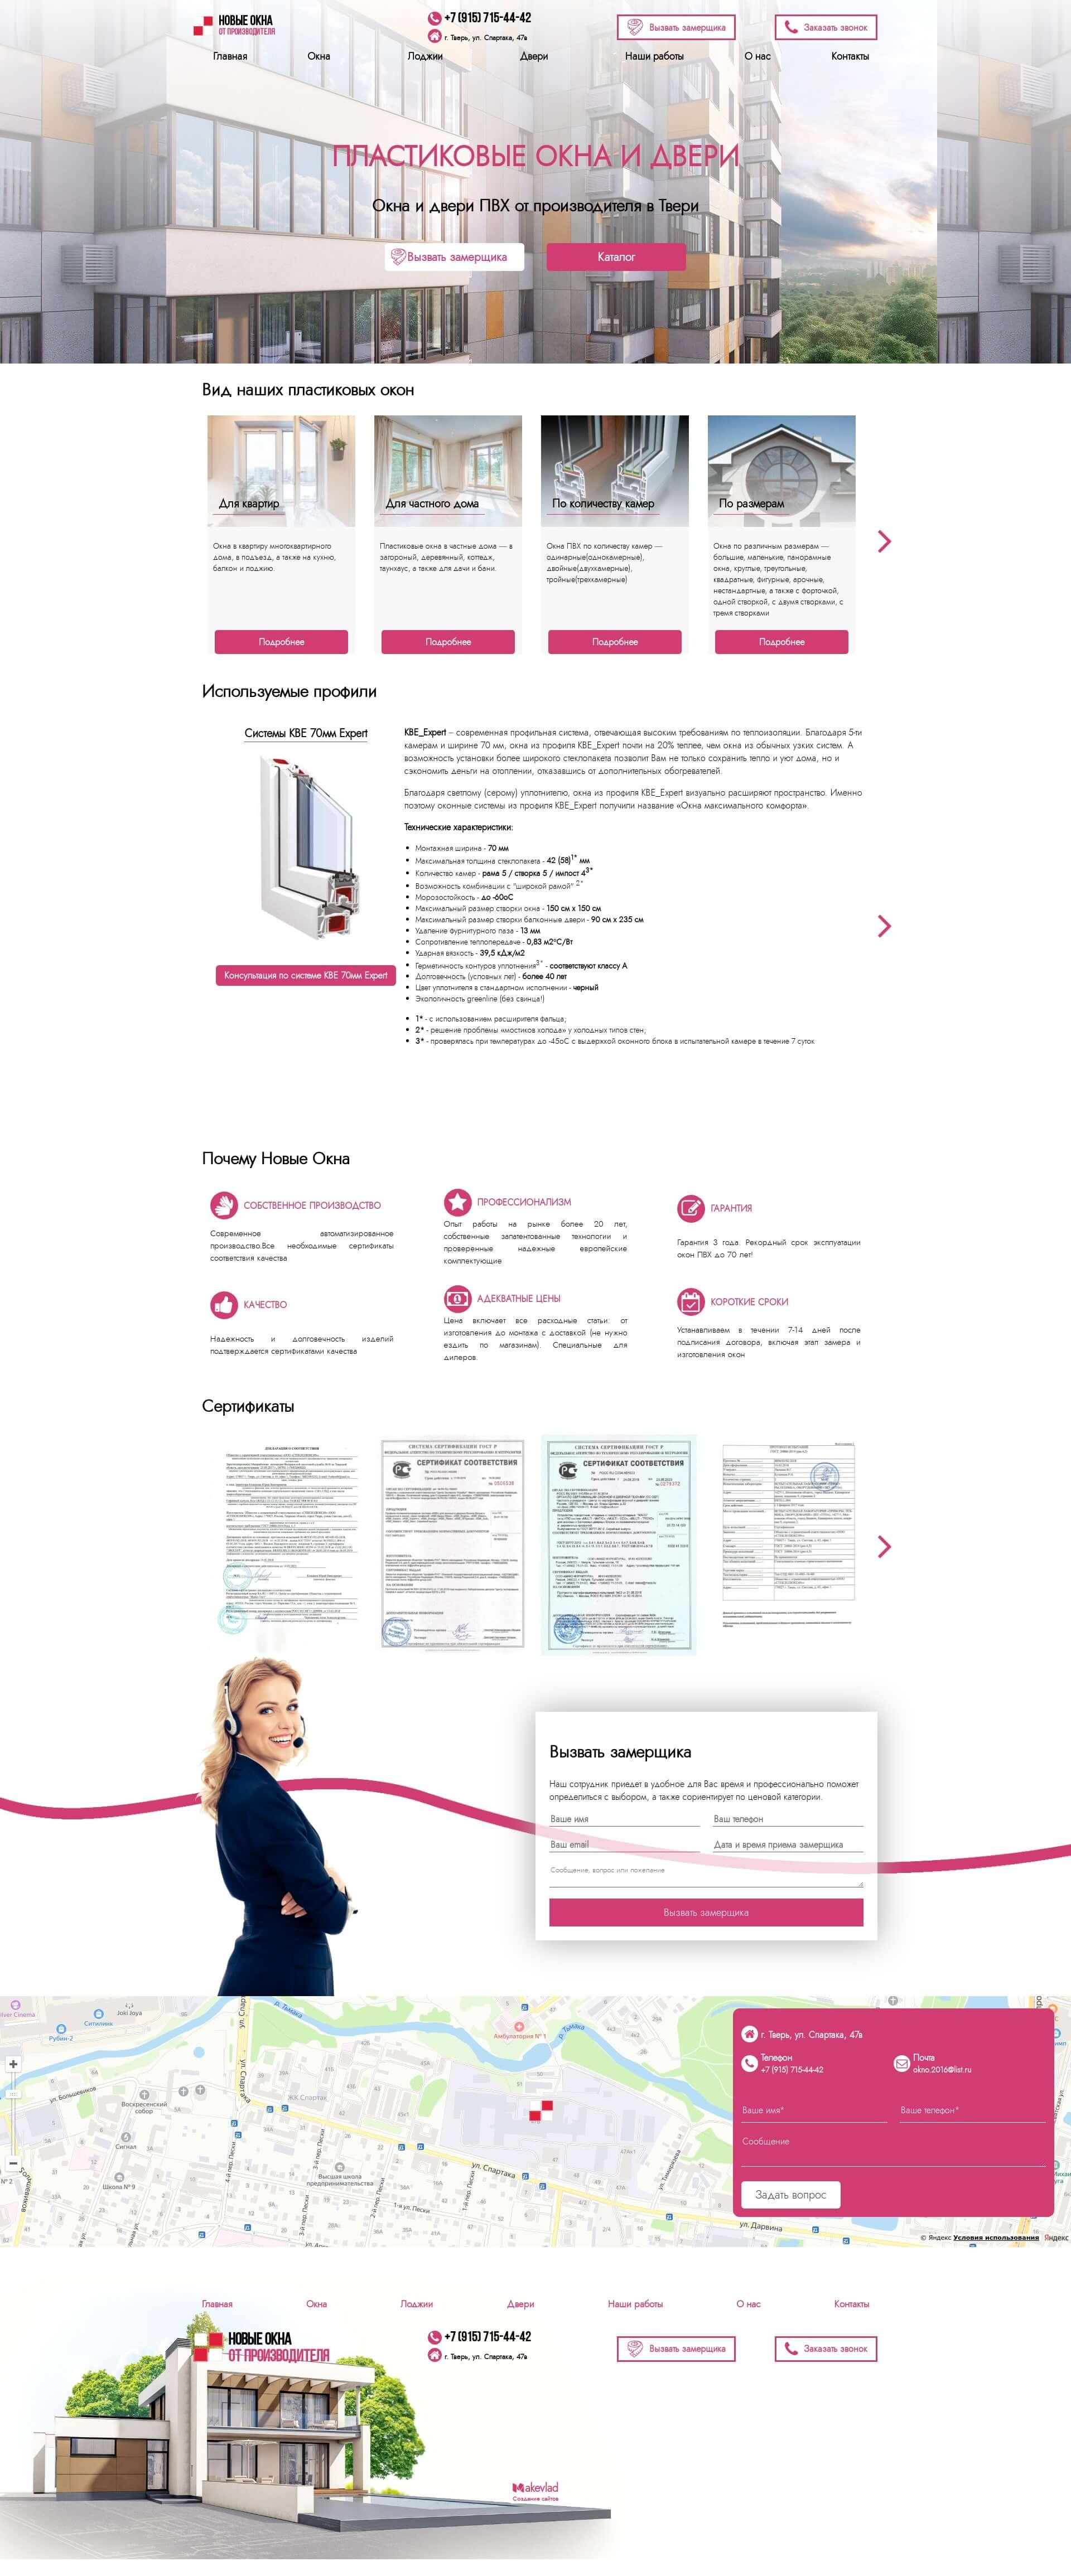 Скриншот №1 страницы сайта во весь экран. Сайт для окон ПВХ